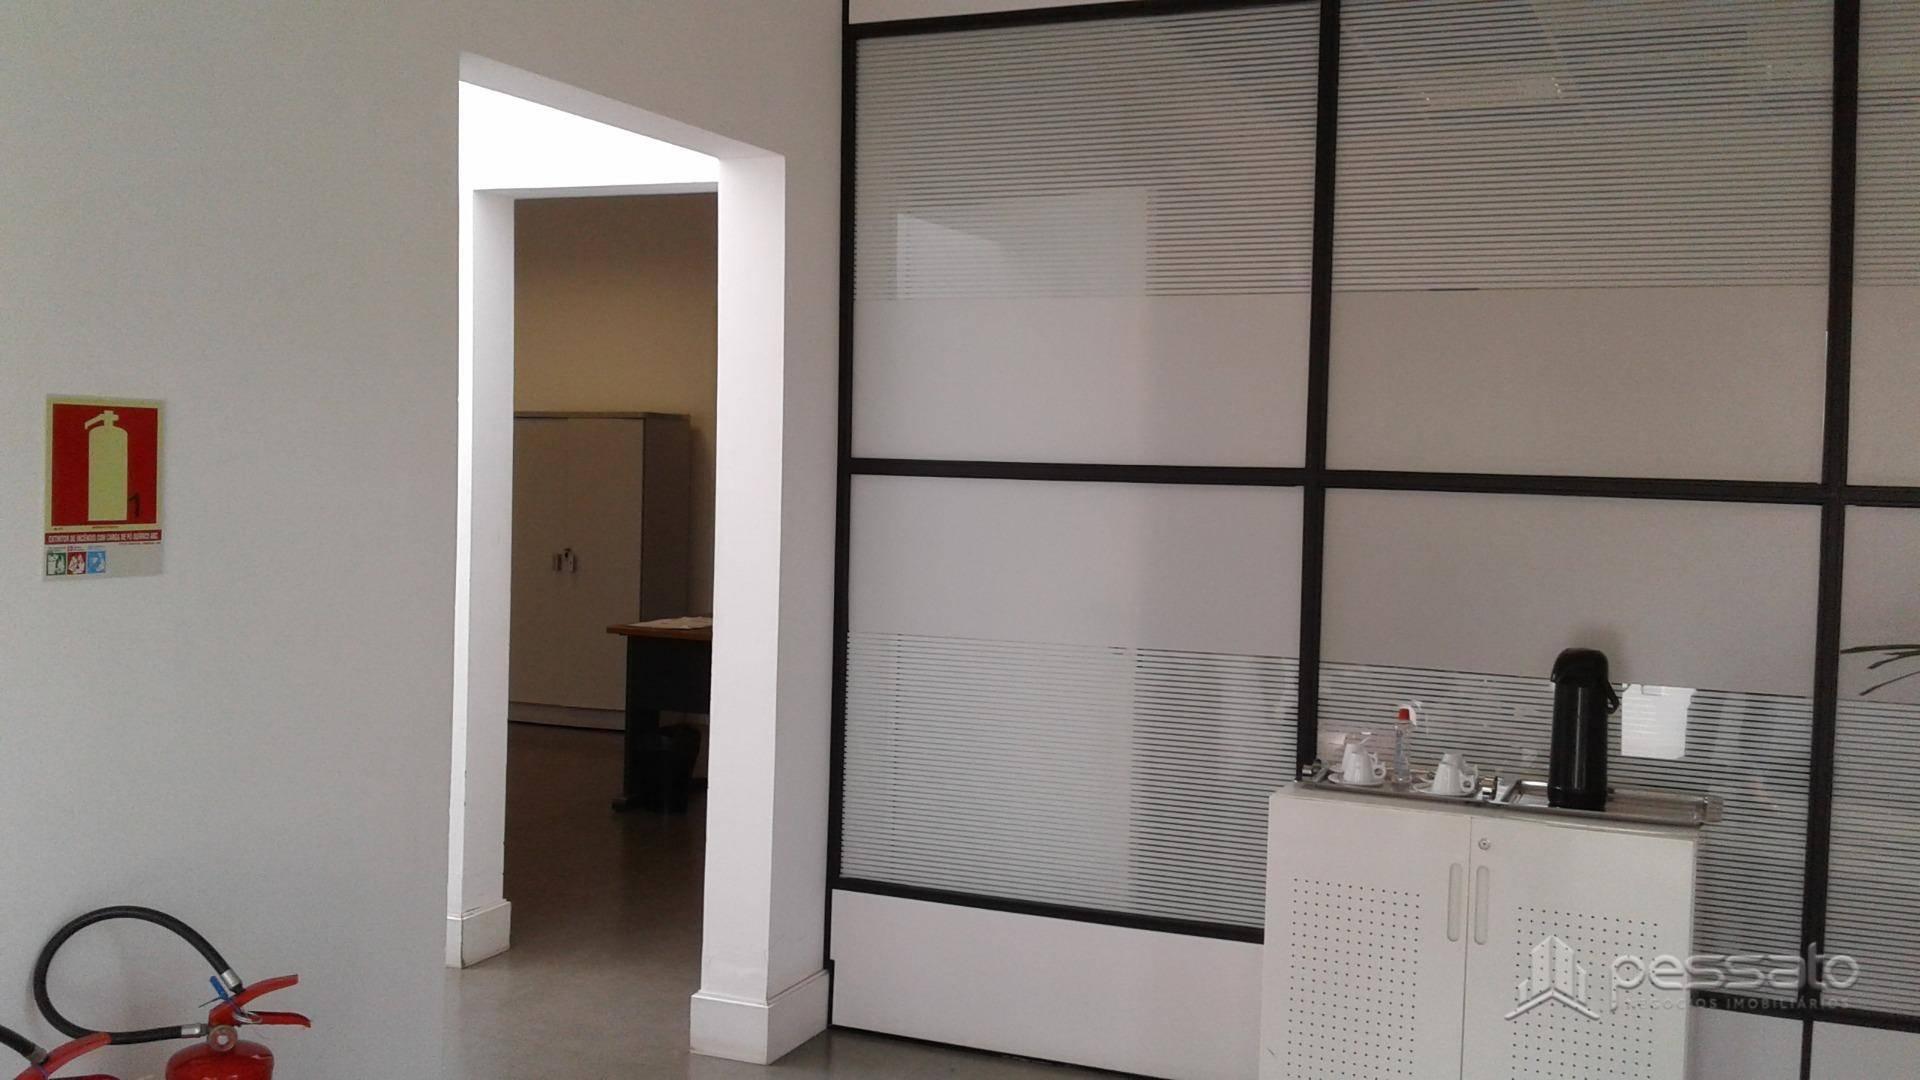 pavilhão 0 dormitórios em Gravataí, no bairro Barnabé